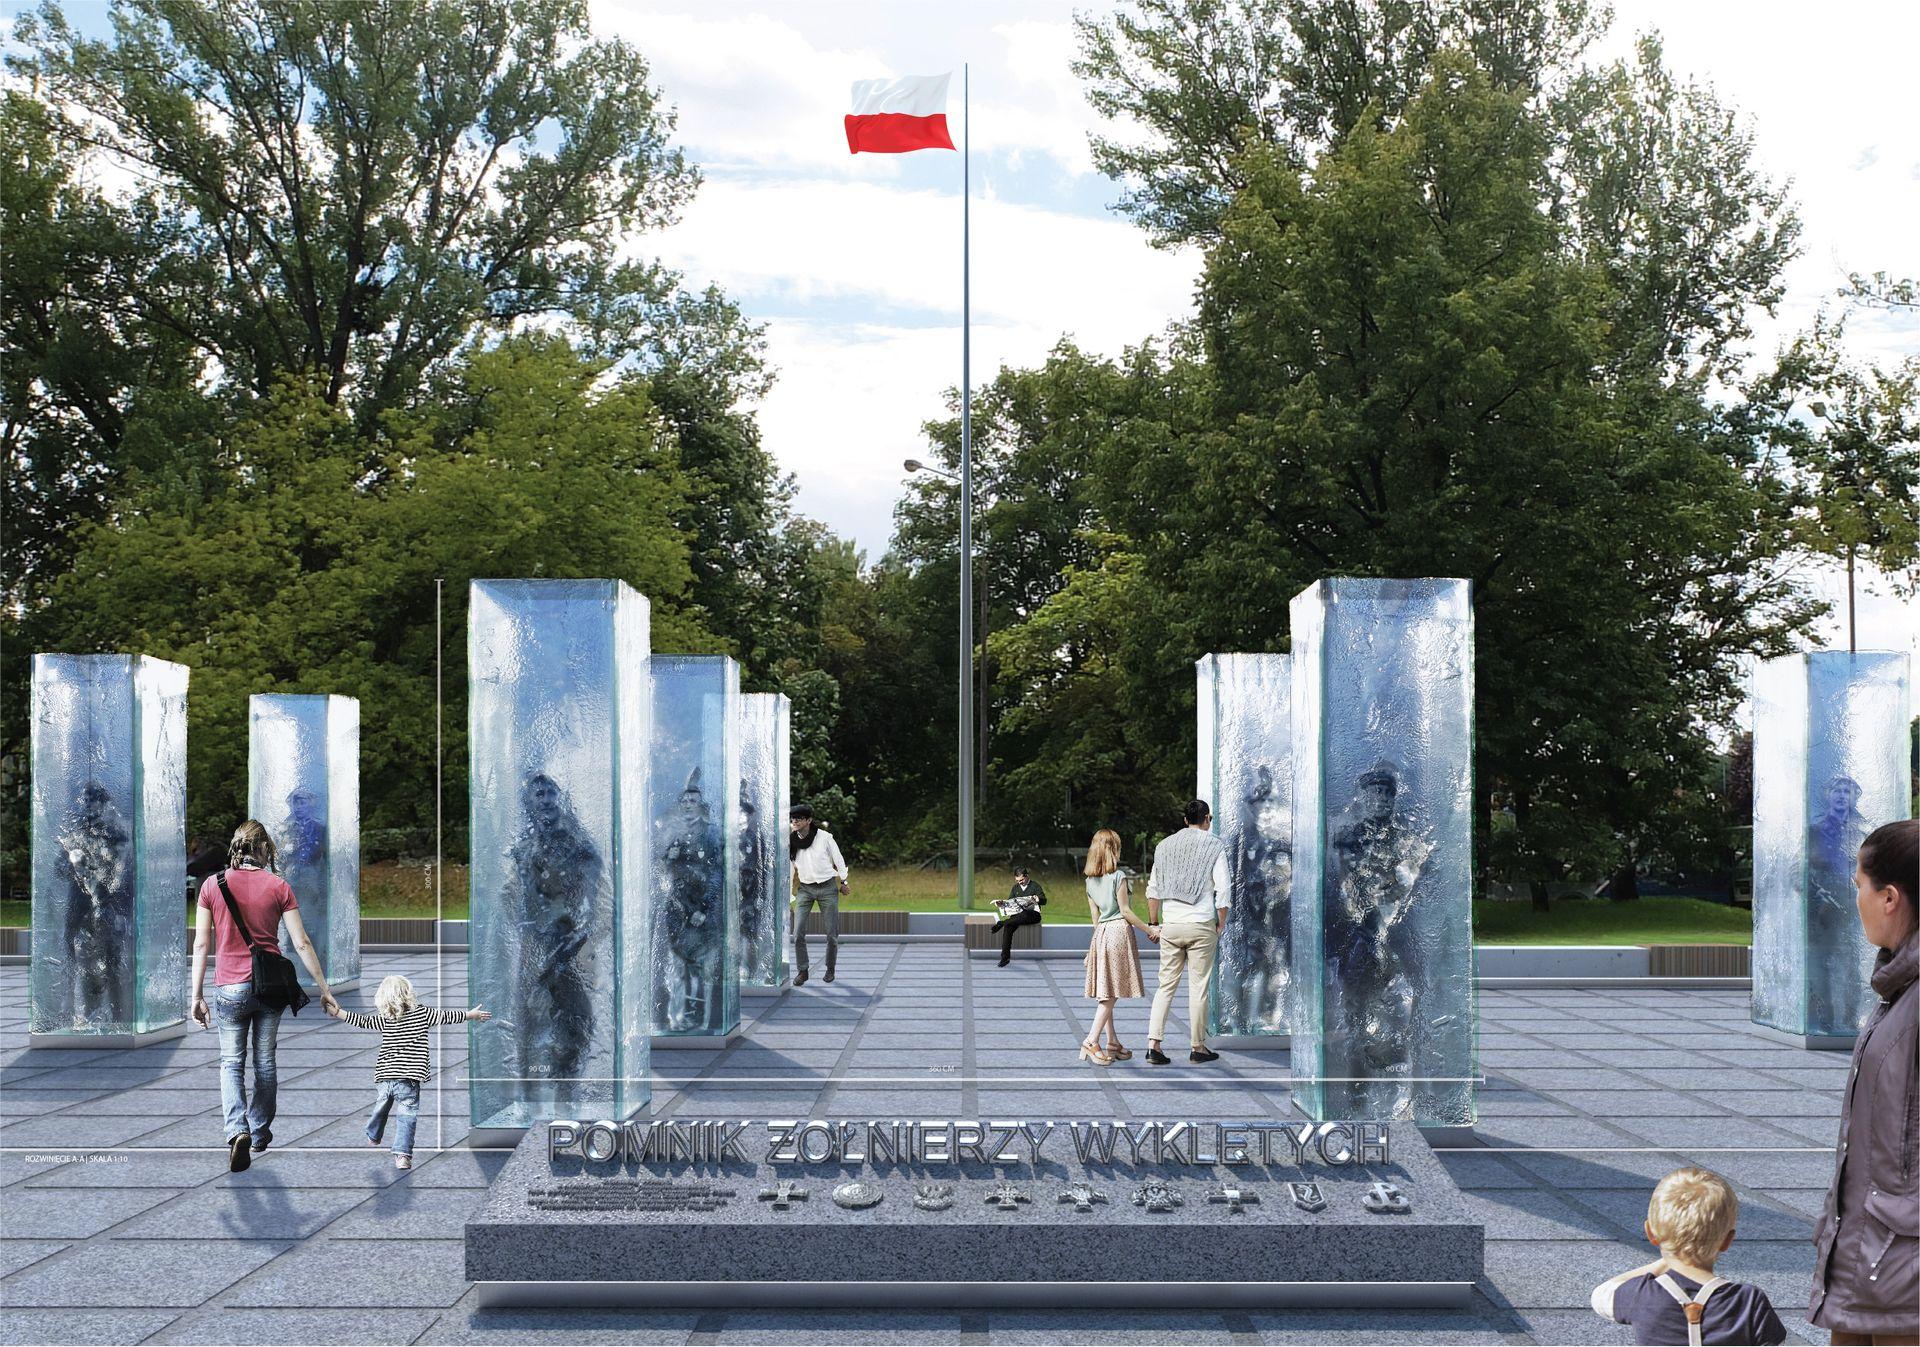 Wrocław: Tak ma wyglądać pomnik Żołnierzy Wyklętych przy Wroclavii. Konkurs rozstrzygnięty